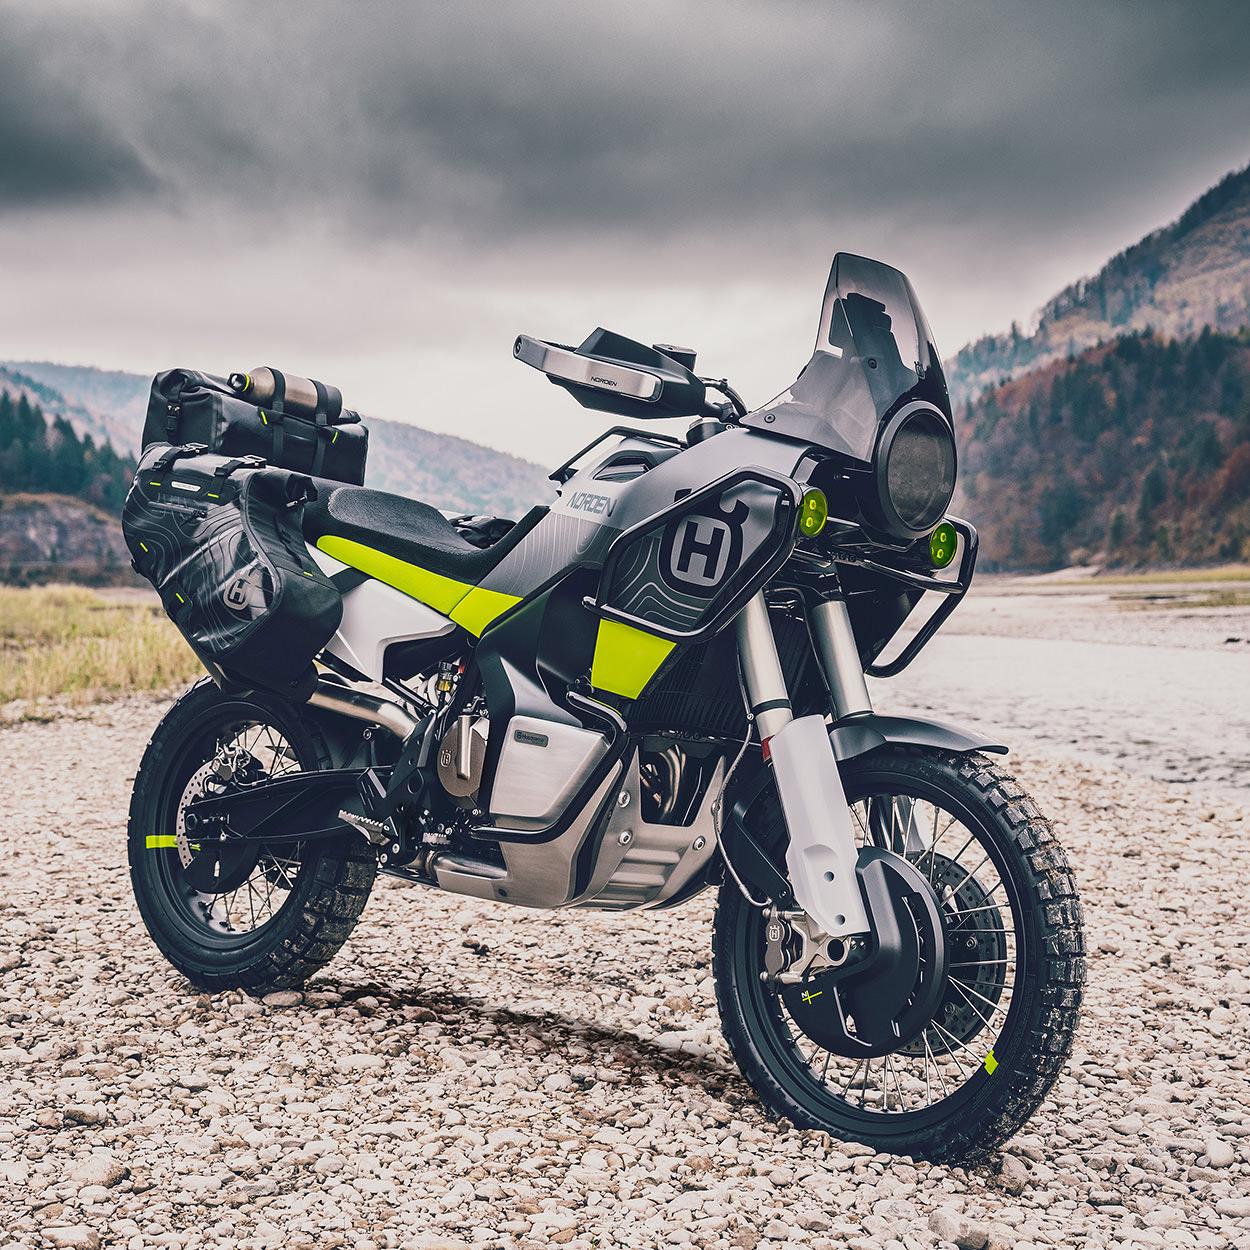 Bicicletas EICMA 2019: el concepto Husqvarna Norden 901